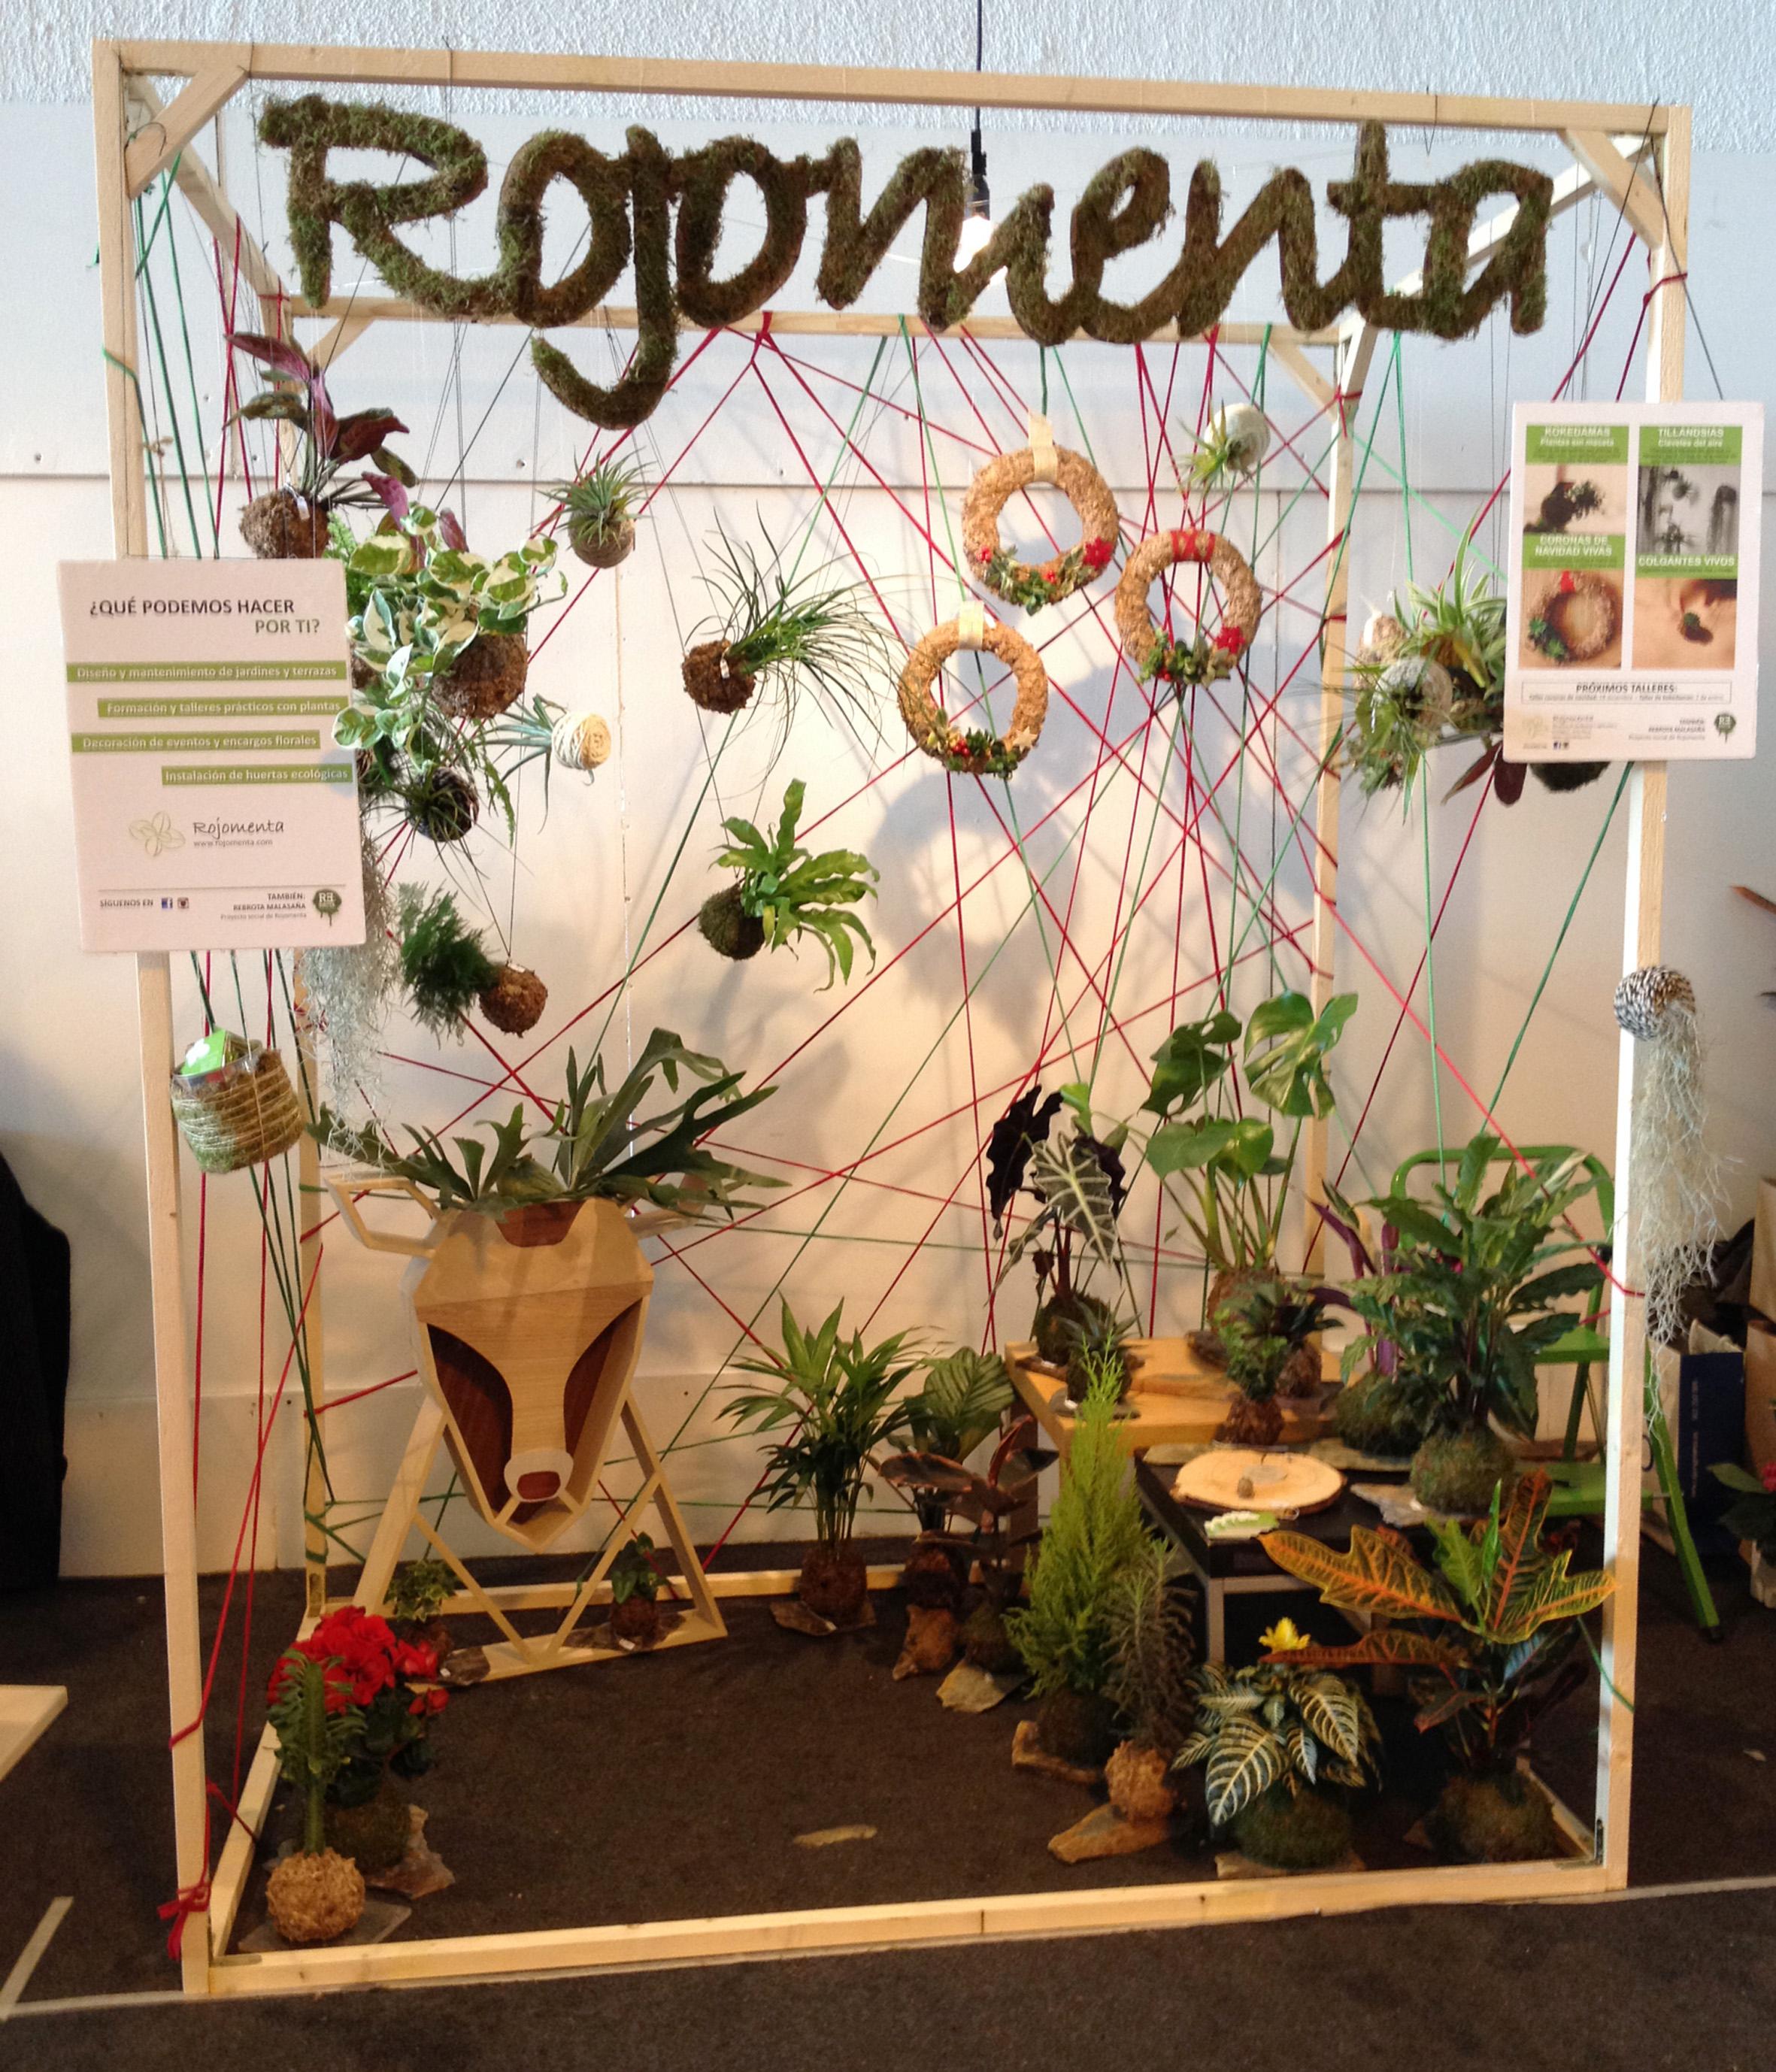 Nomada_market_funnychristmasediction_lucernario_rojomenta_alce_cuerno_kokedamas